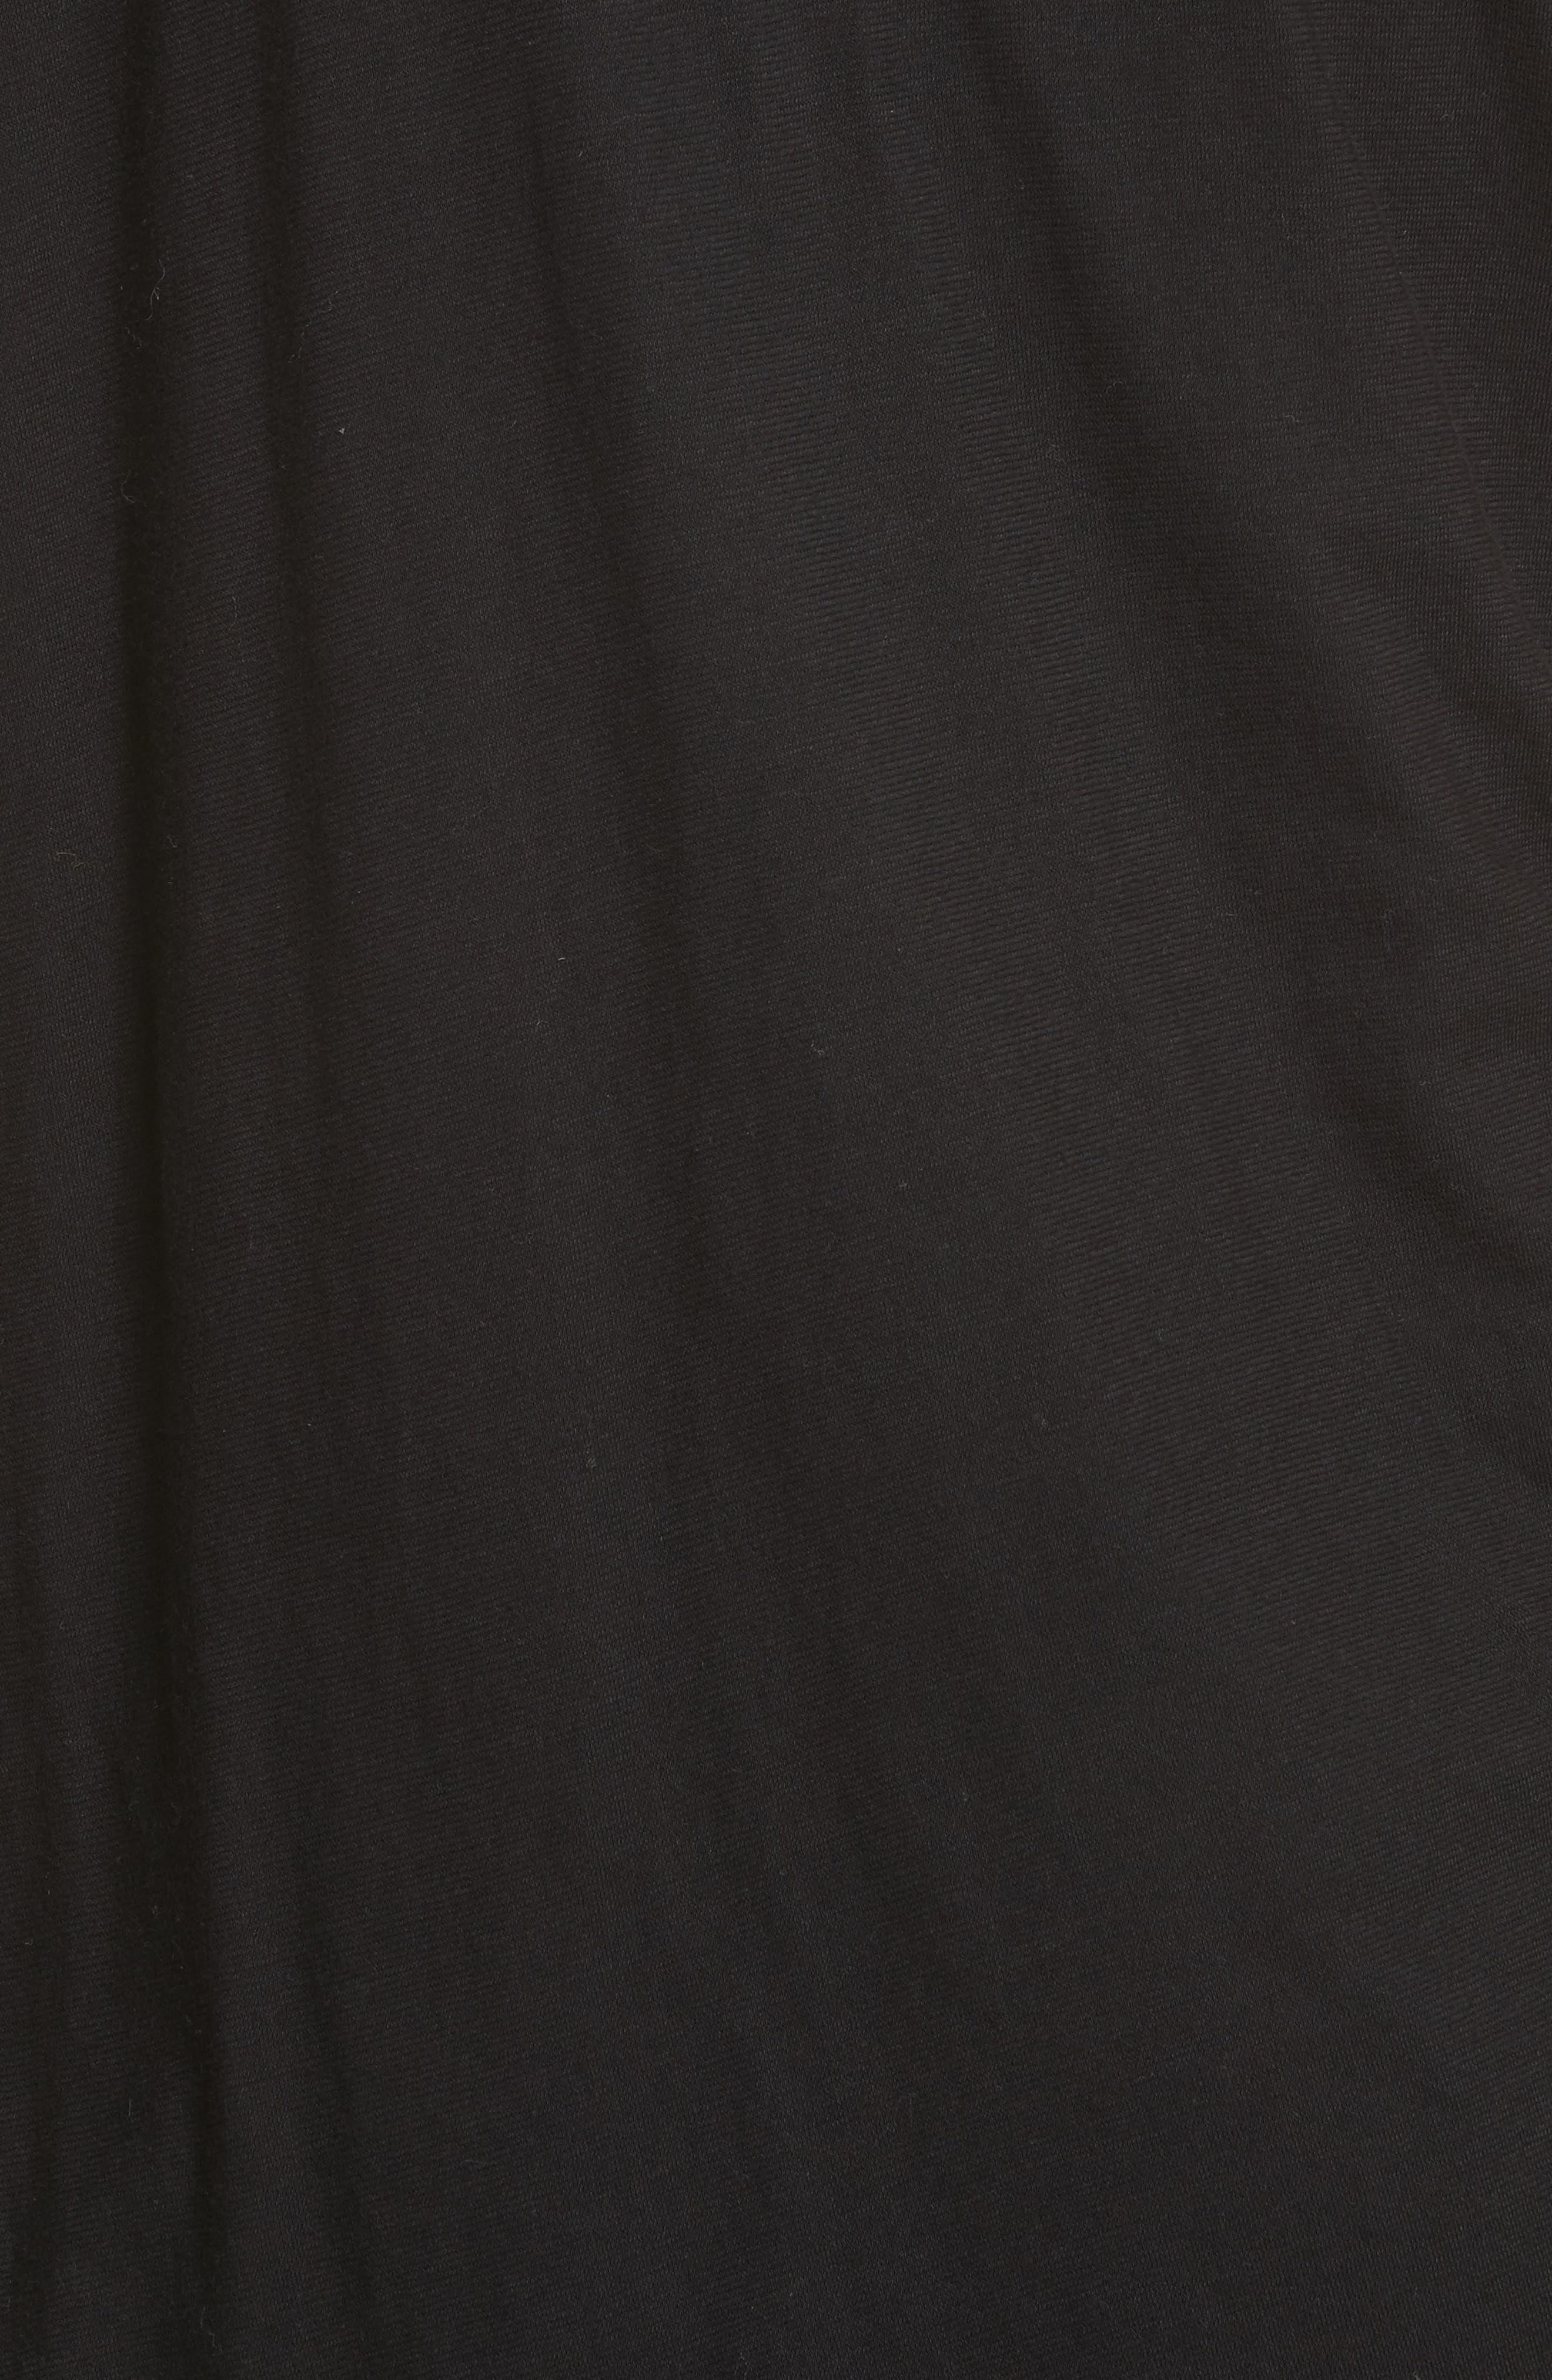 Side Tie Cotton Dress,                             Alternate thumbnail 5, color,                             001